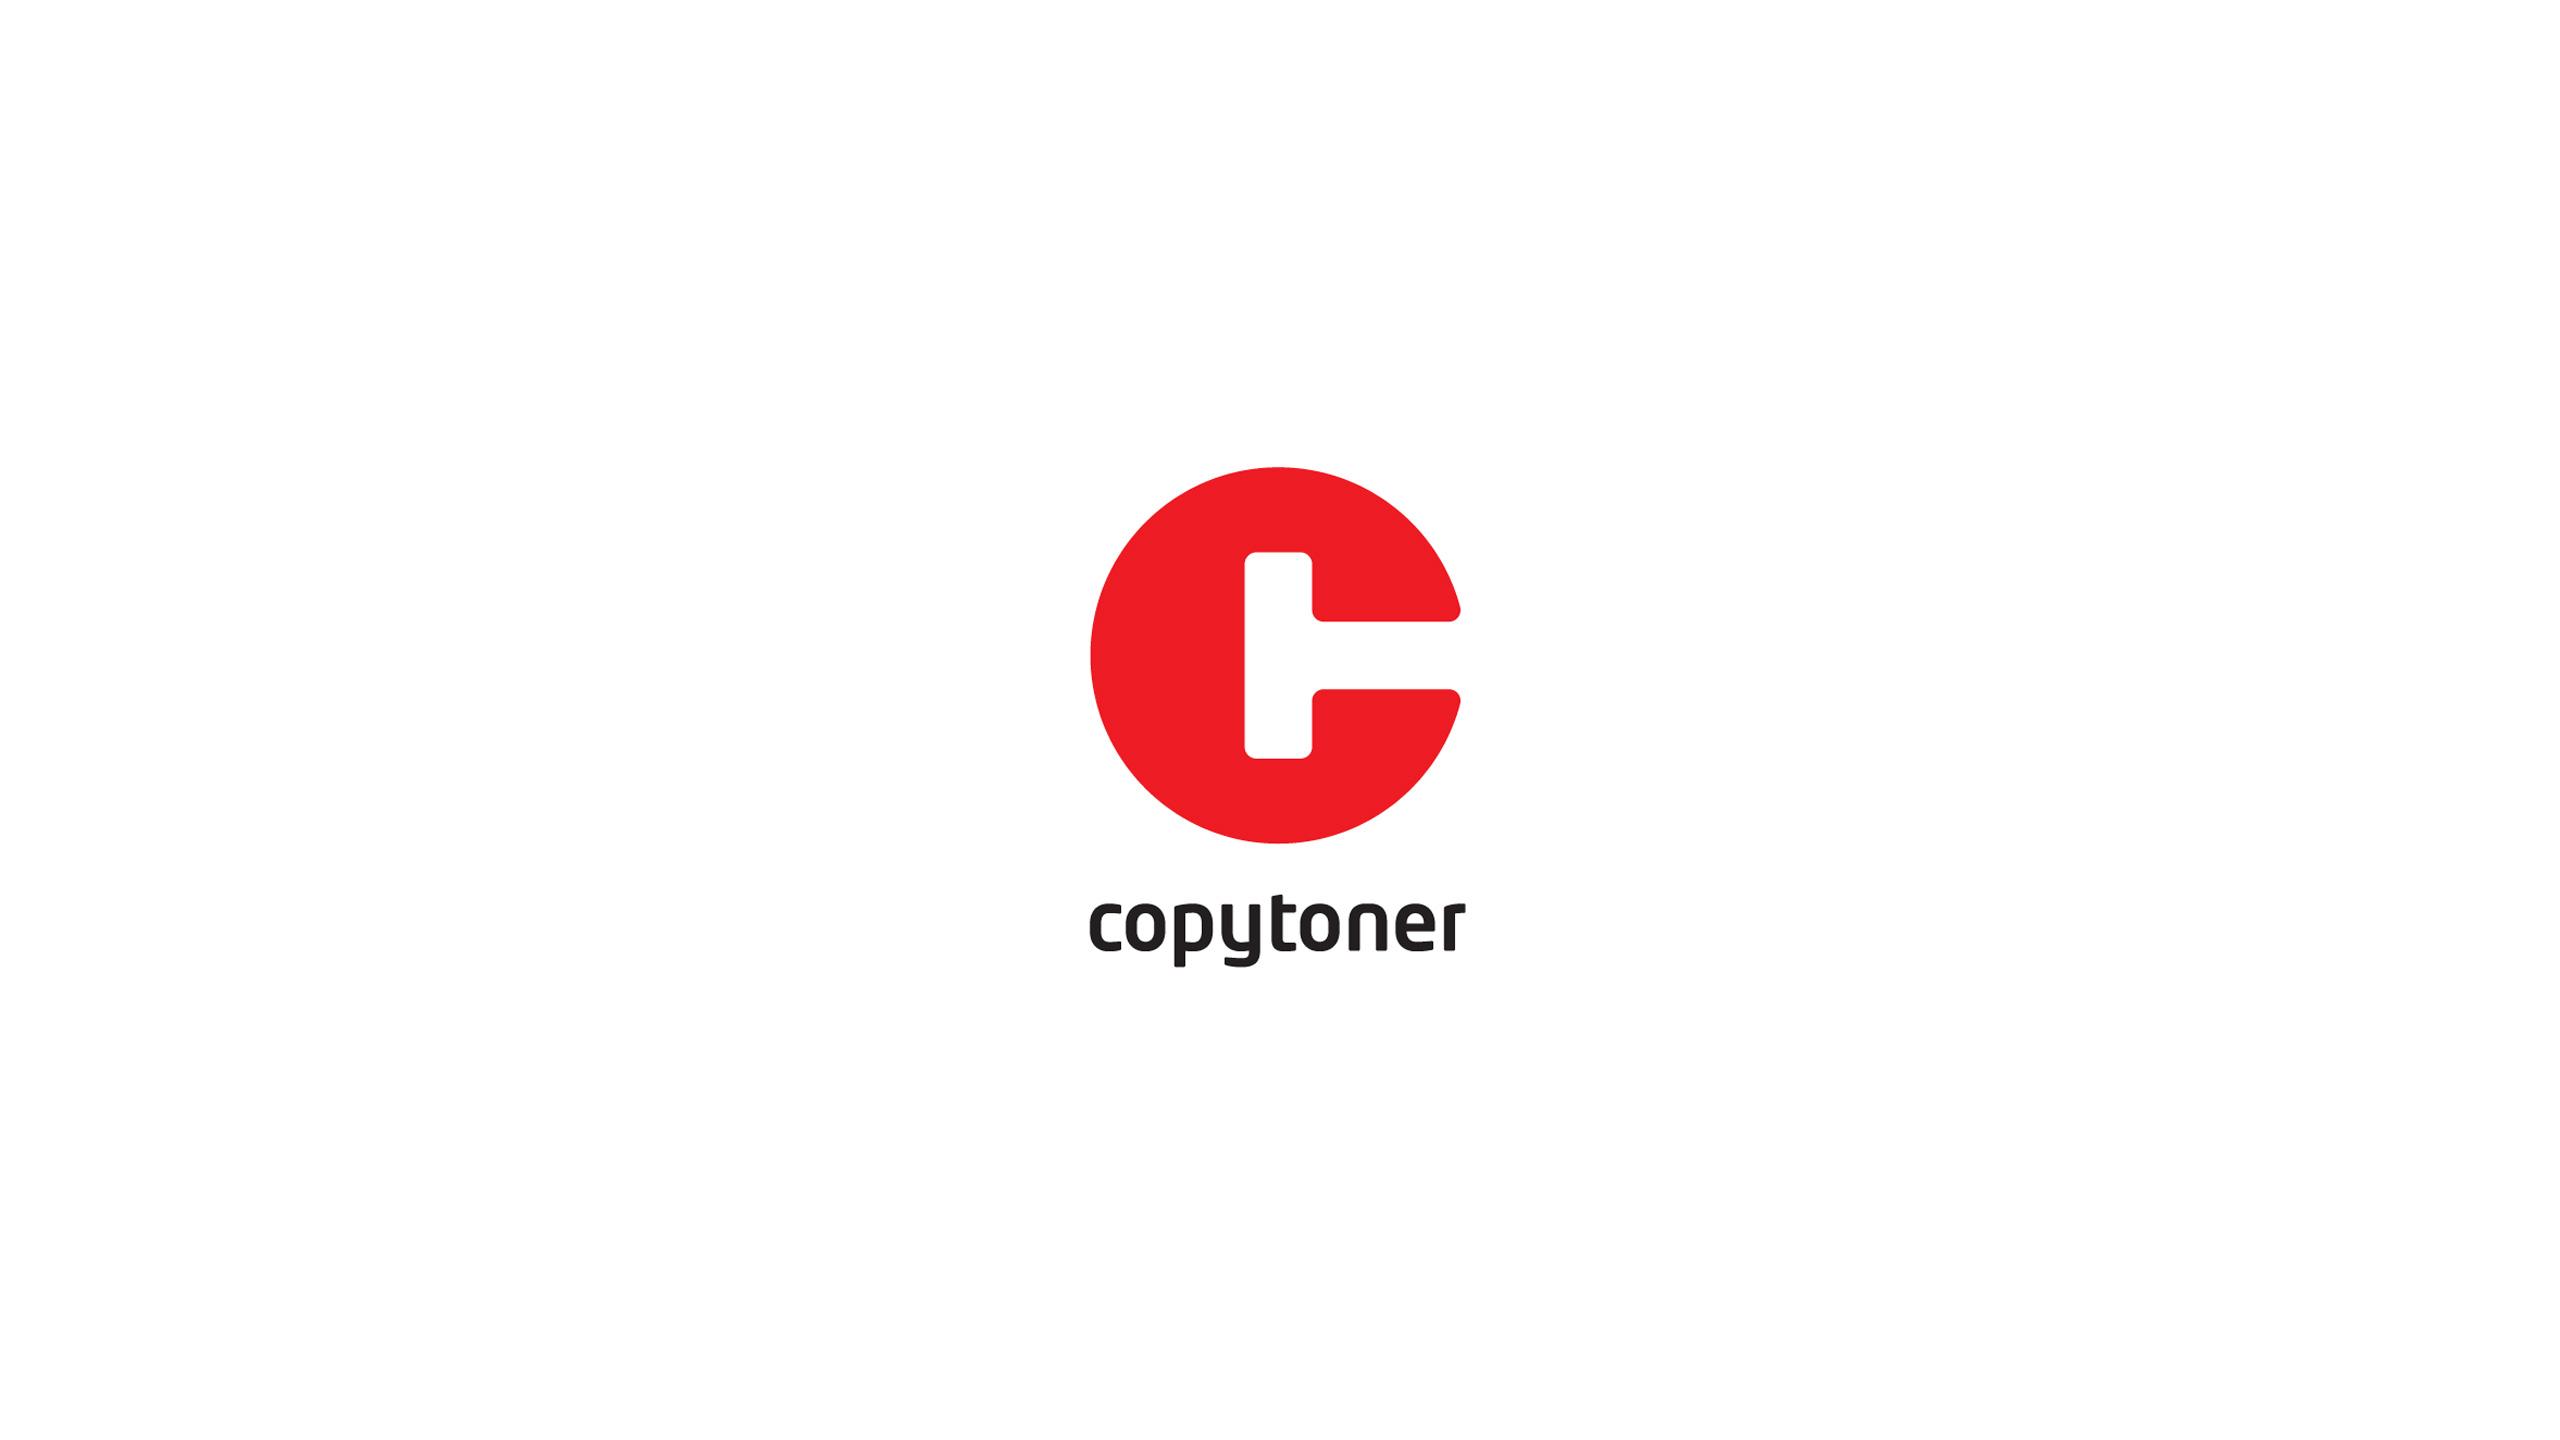 copytoner